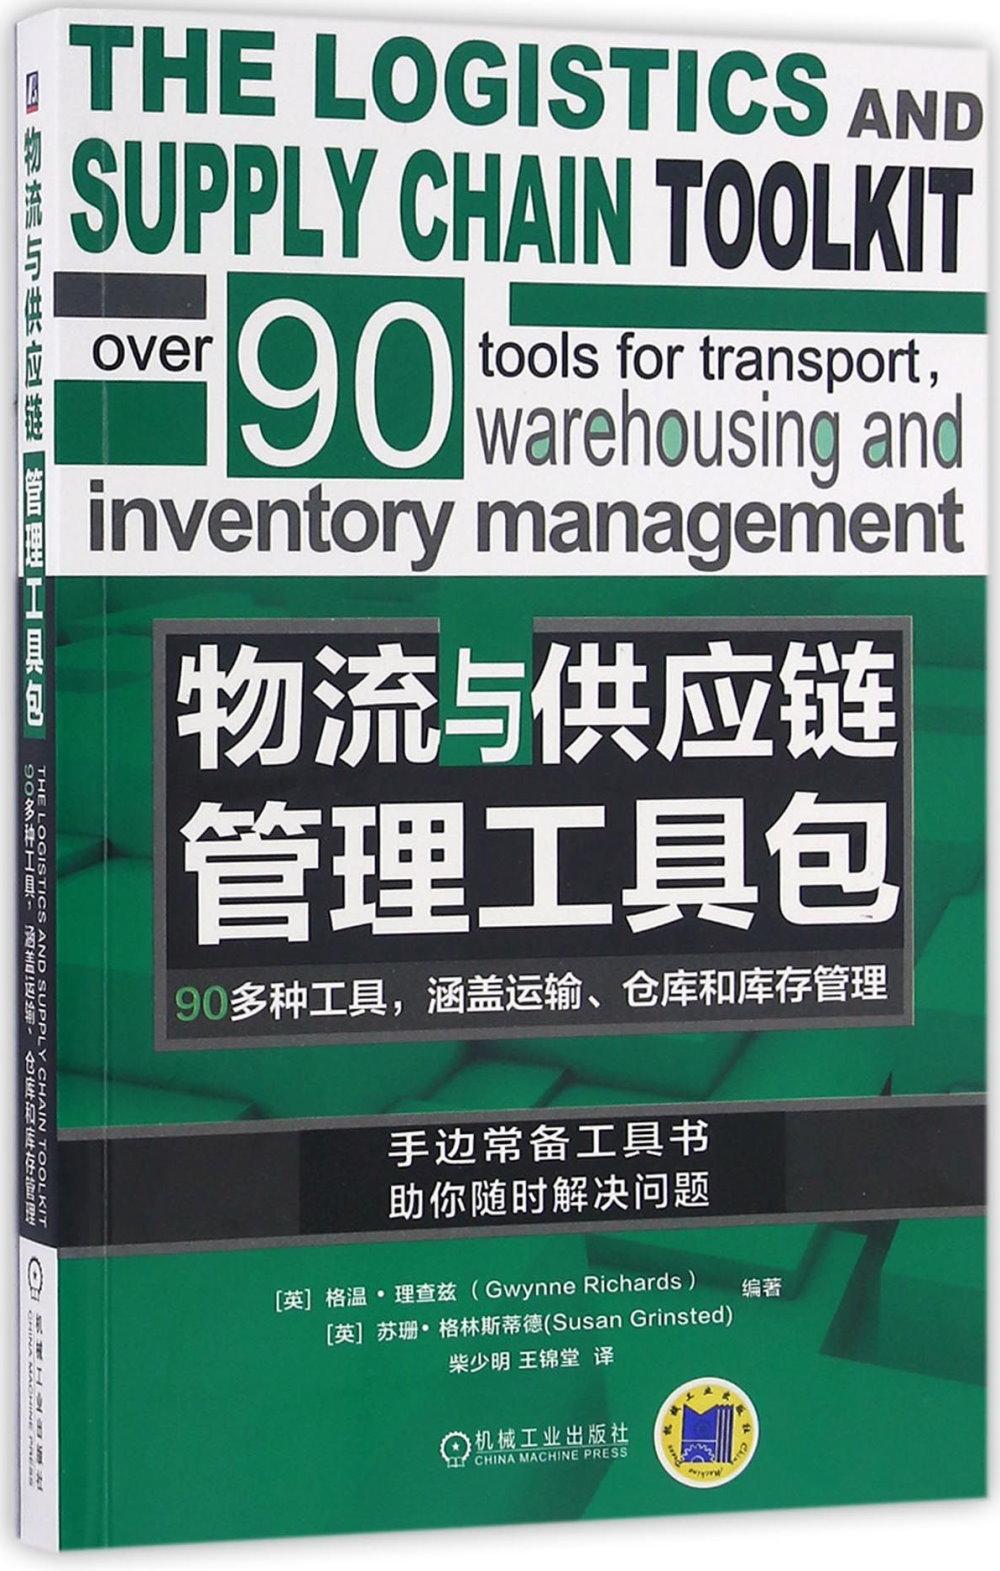 物流與供應鏈管理工具包